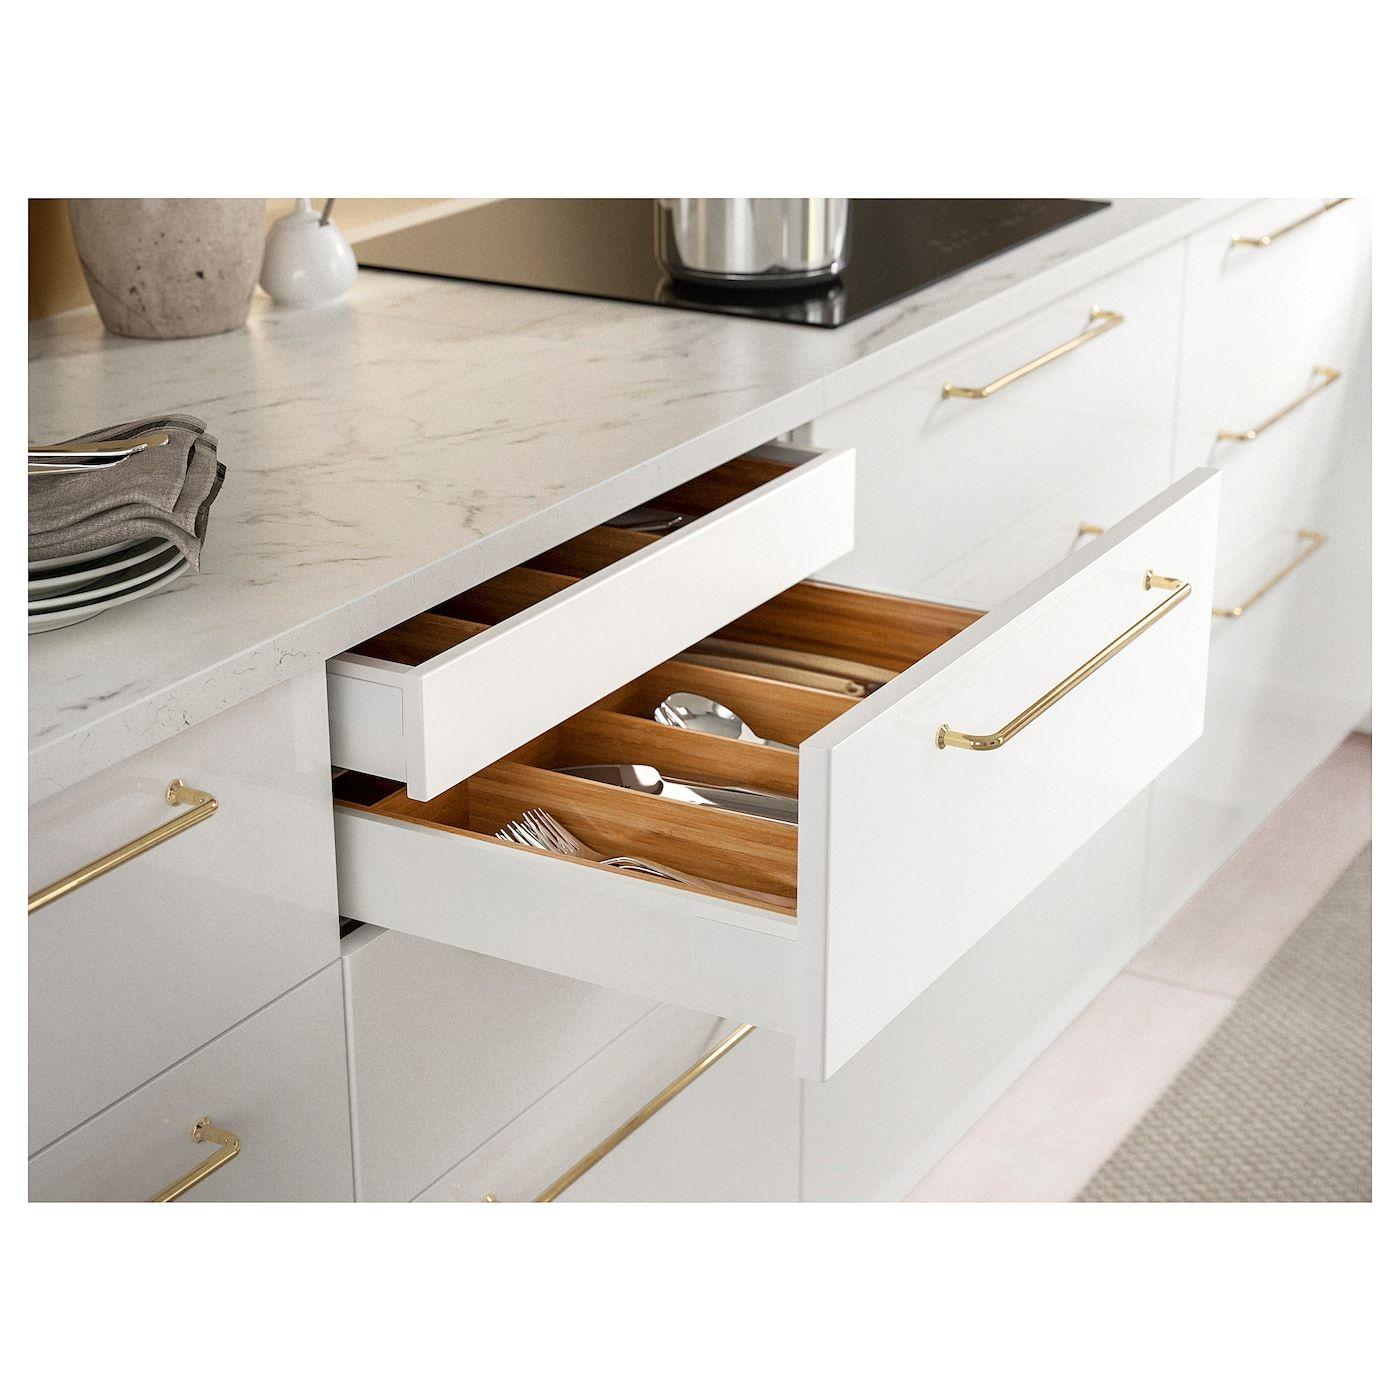 Ekbacken Arbeitsplatte Weiss Marmoriert Laminat Ikea Deutschland Unique Kitchen Countertops Replacing Kitchen Countertops Kitchen Style